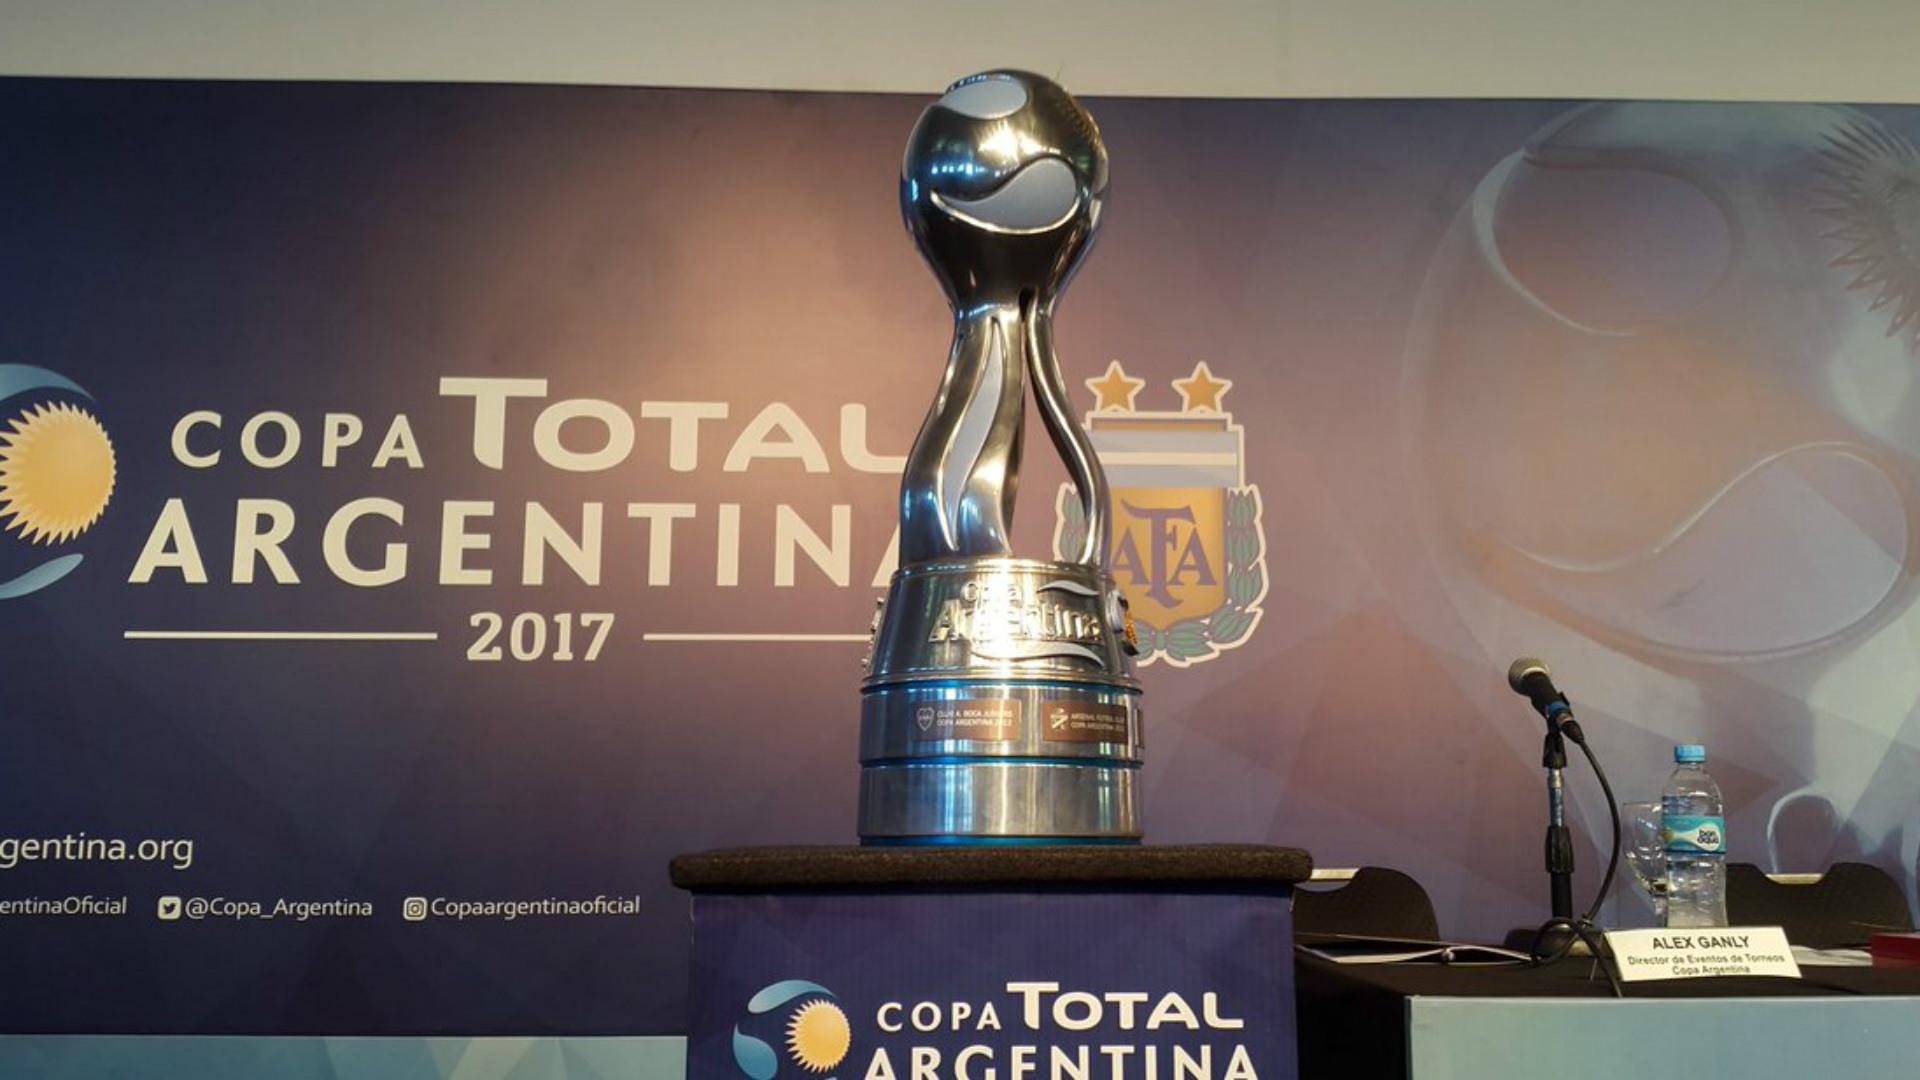 Copa Argentina 2017 trofeo